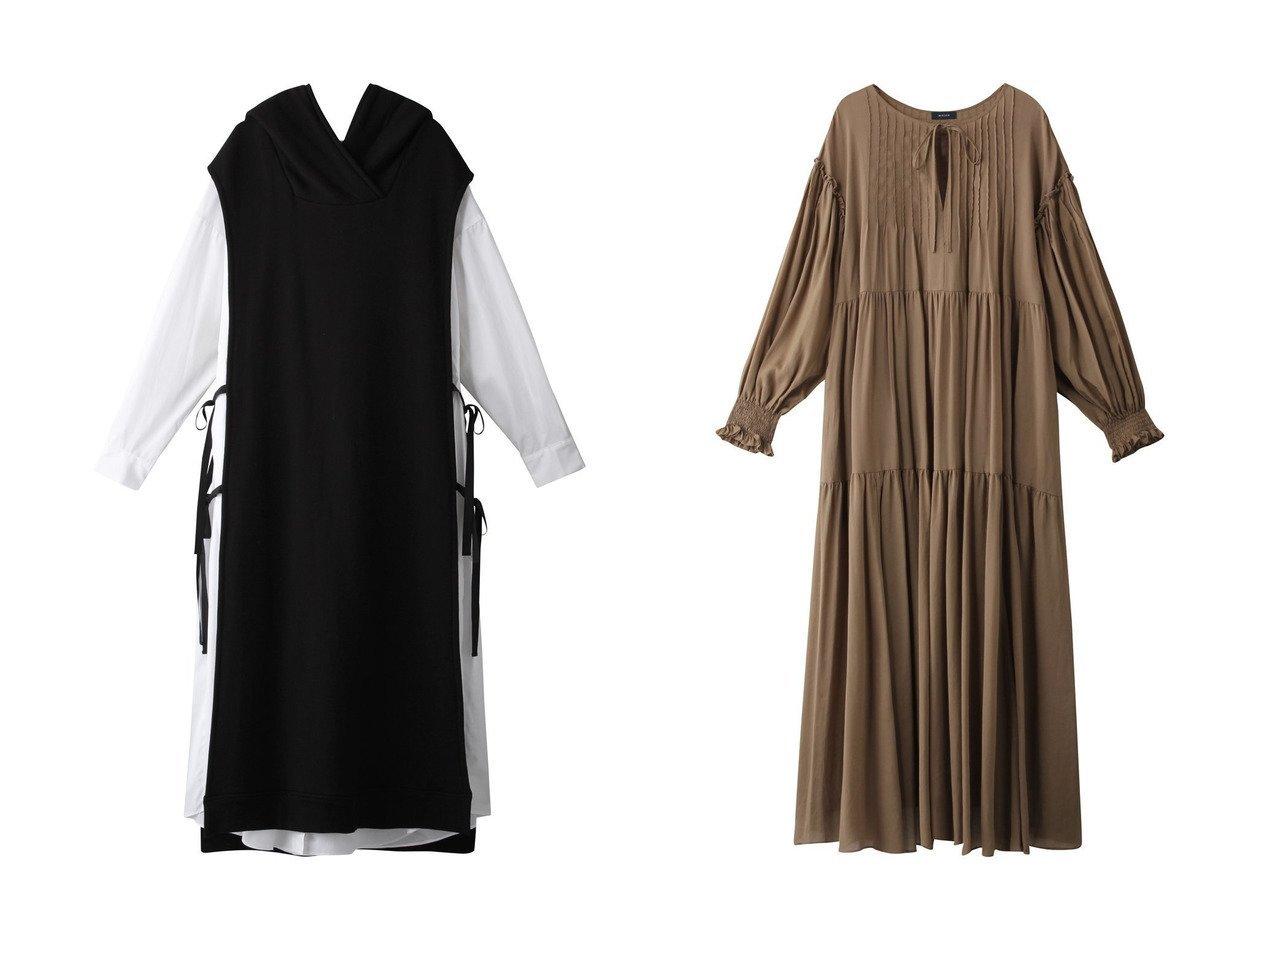 【WRINN/リン】のDRESS&DRESS 【ワンピース・ドレス】おすすめ!人気、トレンド・レディースファッションの通販 おすすめで人気の流行・トレンド、ファッションの通販商品 インテリア・家具・メンズファッション・キッズファッション・レディースファッション・服の通販 founy(ファニー) https://founy.com/ ファッション Fashion レディースファッション WOMEN ワンピース Dress ドレス Party Dresses チュニック Tunic ギャザー チュニック ドレス フェミニン リボン ロング  ID:crp329100000072628